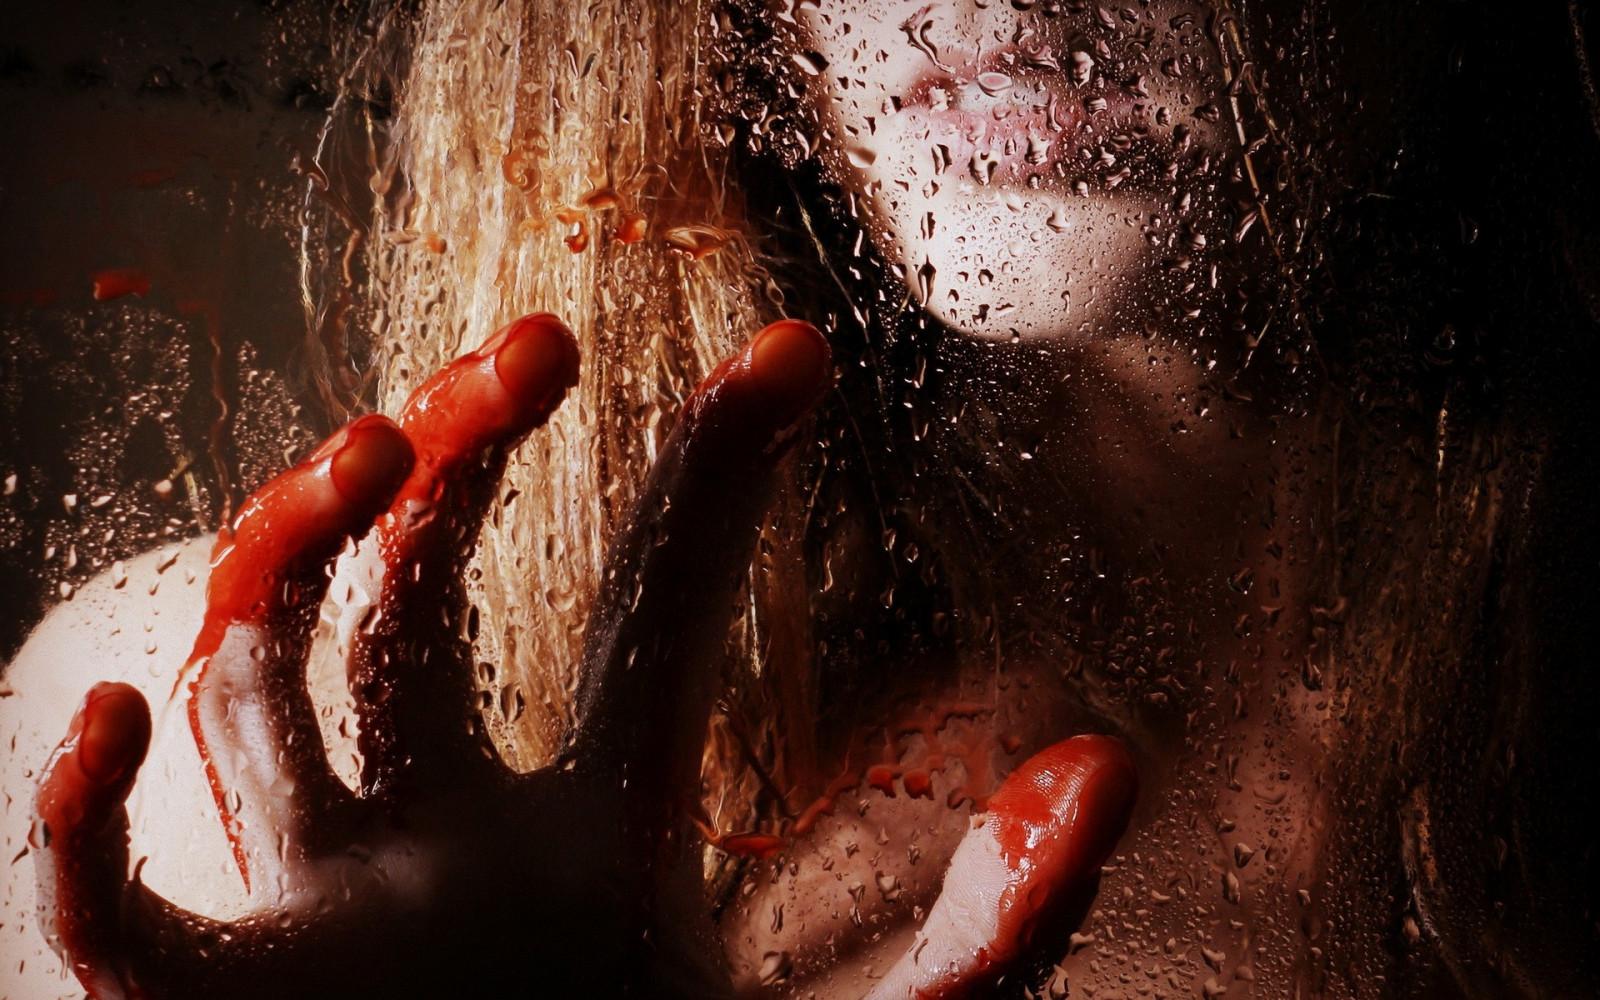 К чему снится кровь чужая на своих руках 50